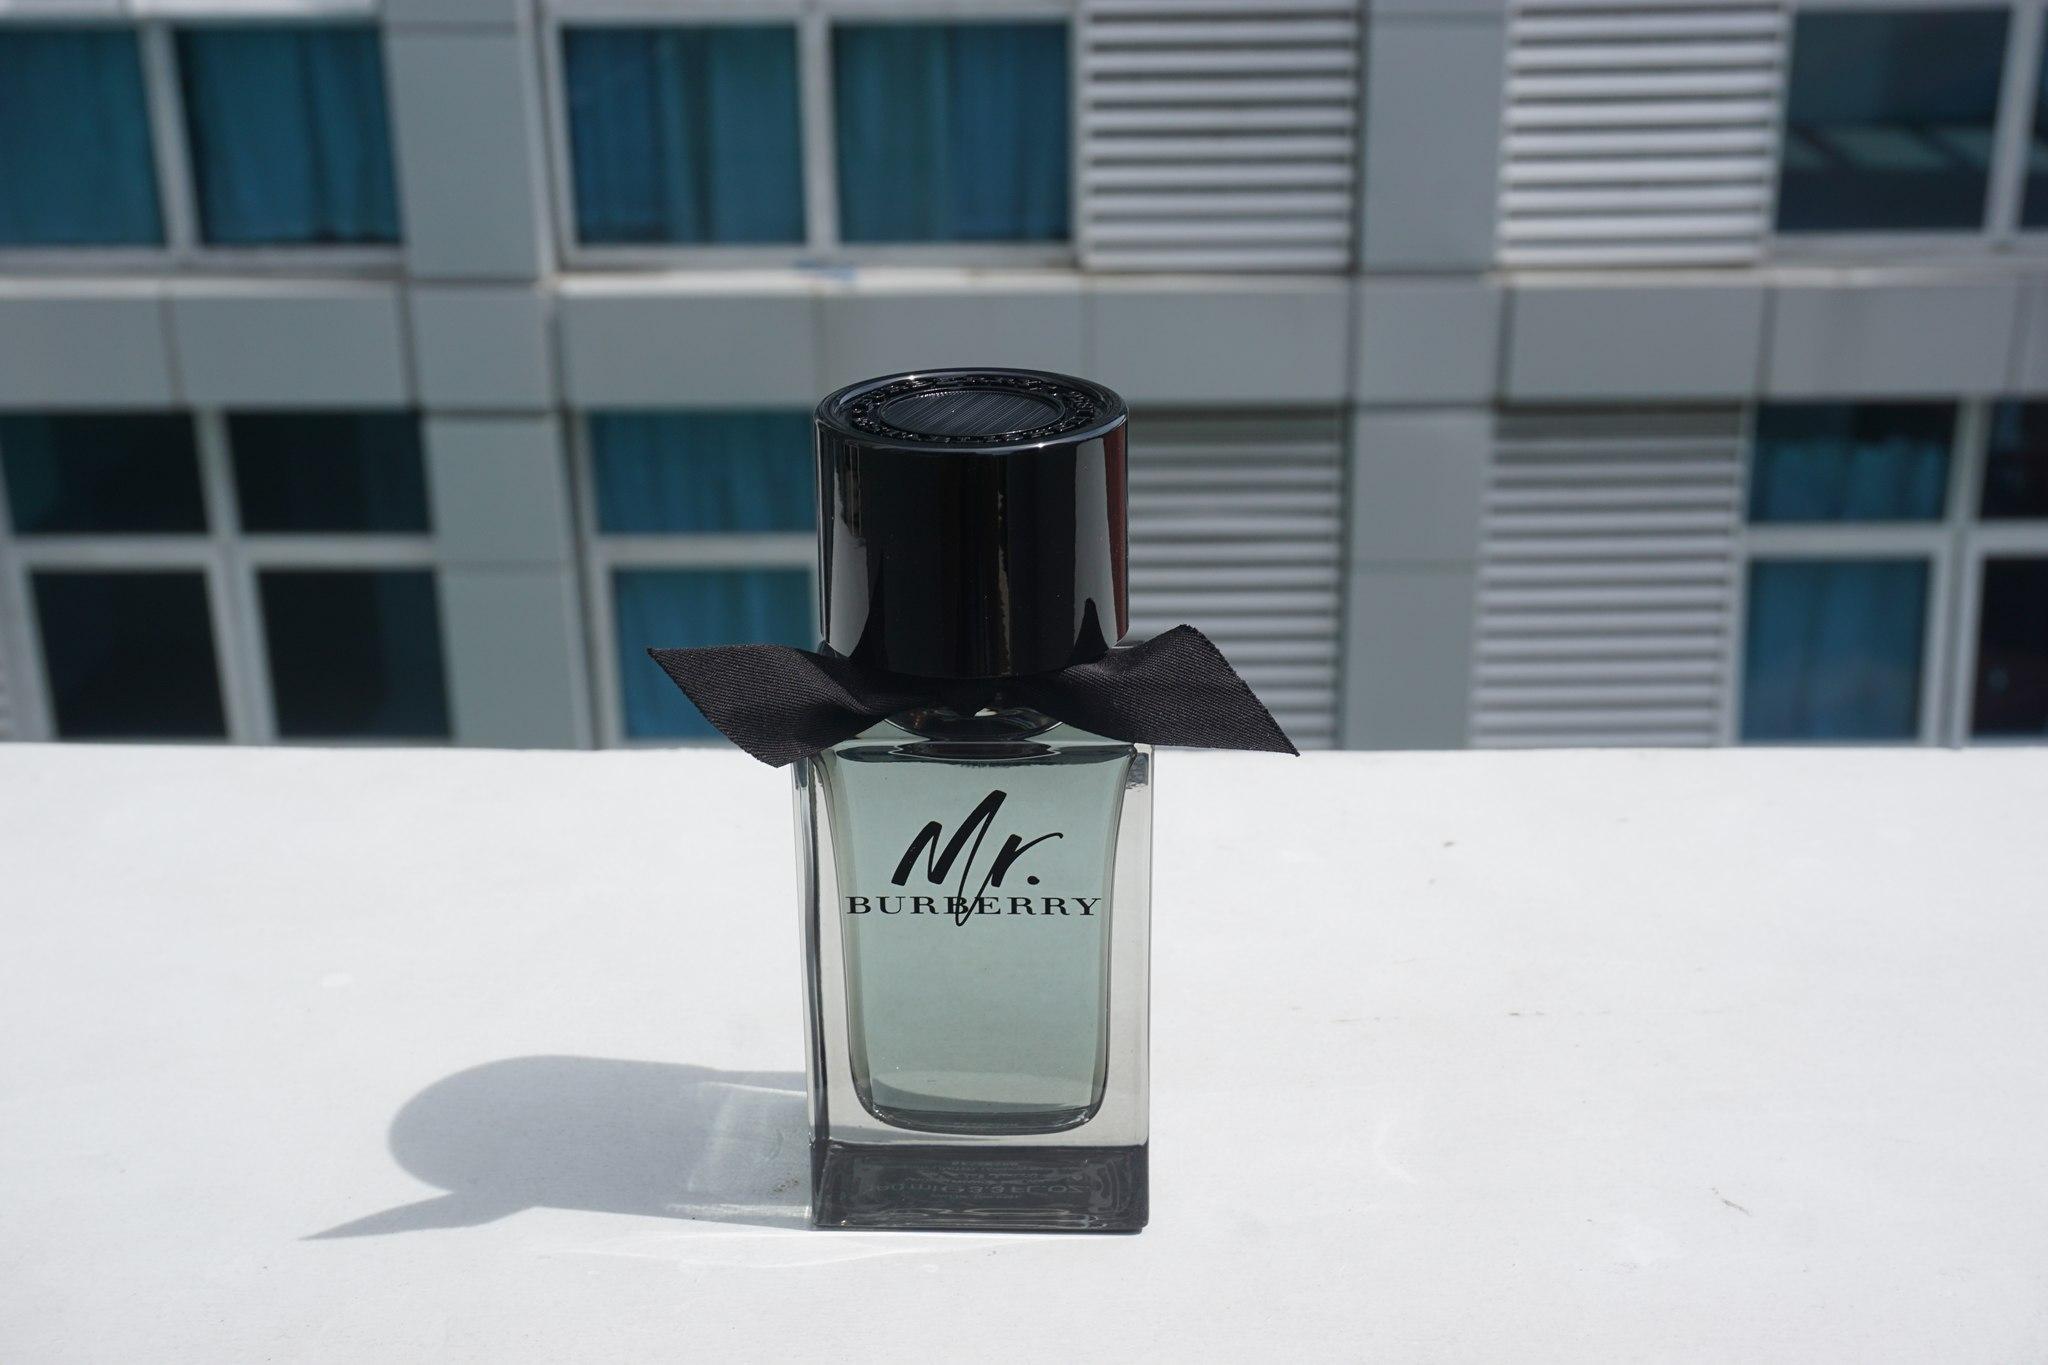 Mr. Burberry Fragrance for Men (20)